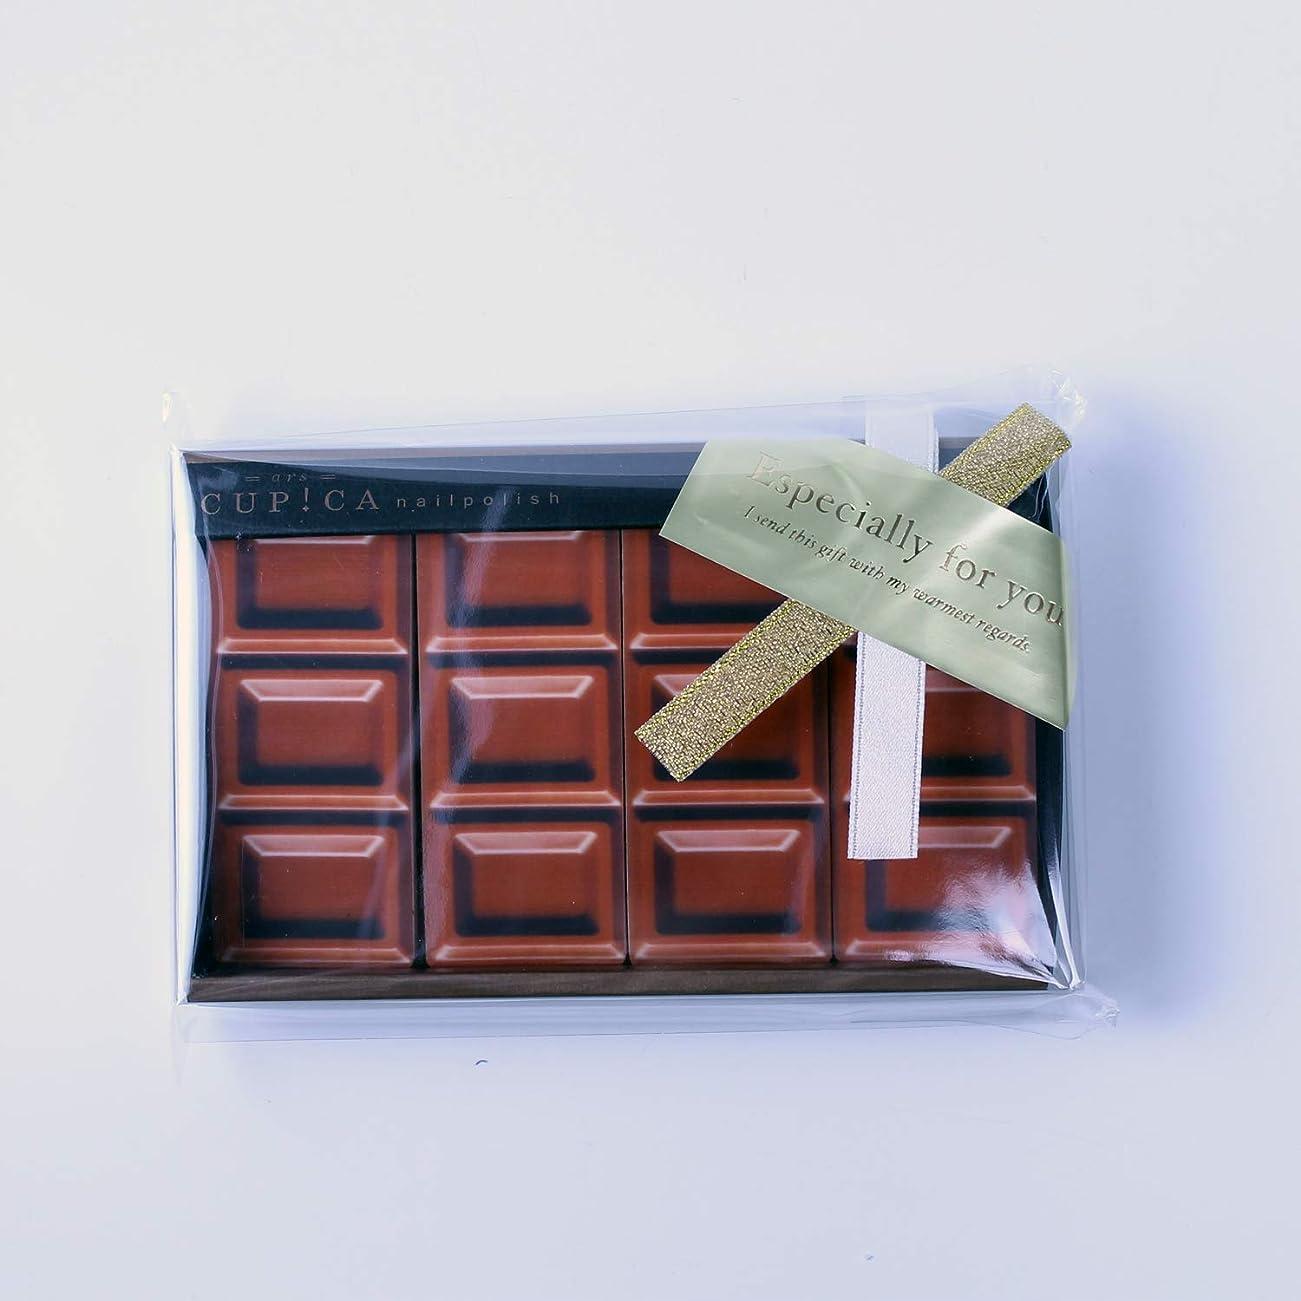 尊敬するくるみ食事を調理するバレンタイン ホワイトデー ギフト お餞別 チョコのような爪磨き おもしろグッズ アルスキュピカ チョコレート柄 ギフトシール付 クリアケース入